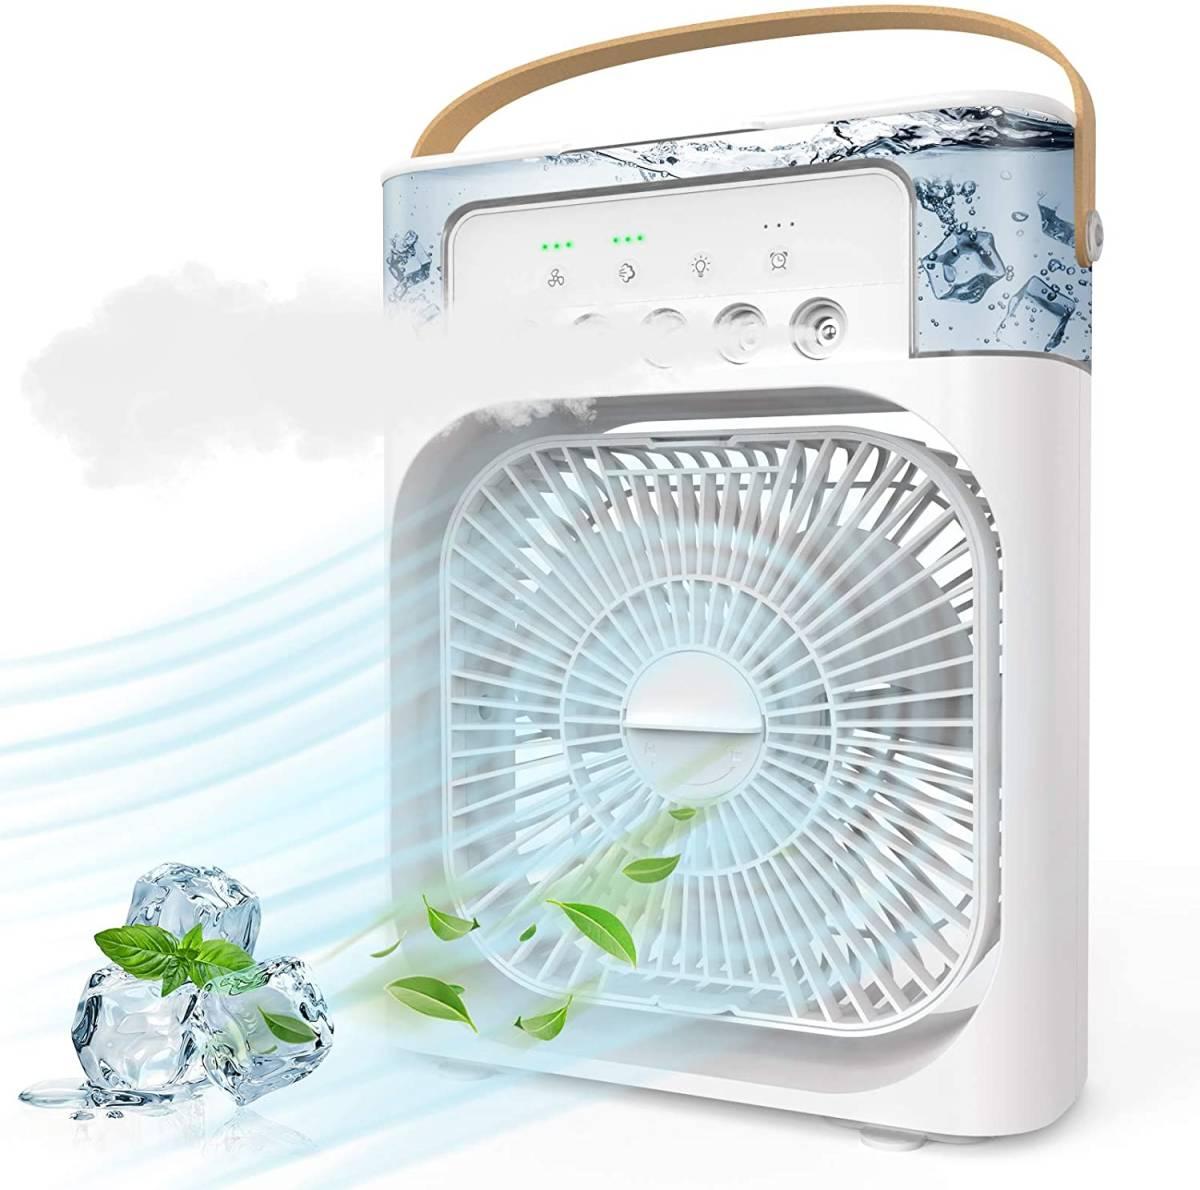 243 冷風扇 冷風機 卓上 冷風機 小型 卓上クーラー 扇風機 冷風 スポットクーラー 卓上エアコン コンパクト 冷風機 ポータブルエアコン